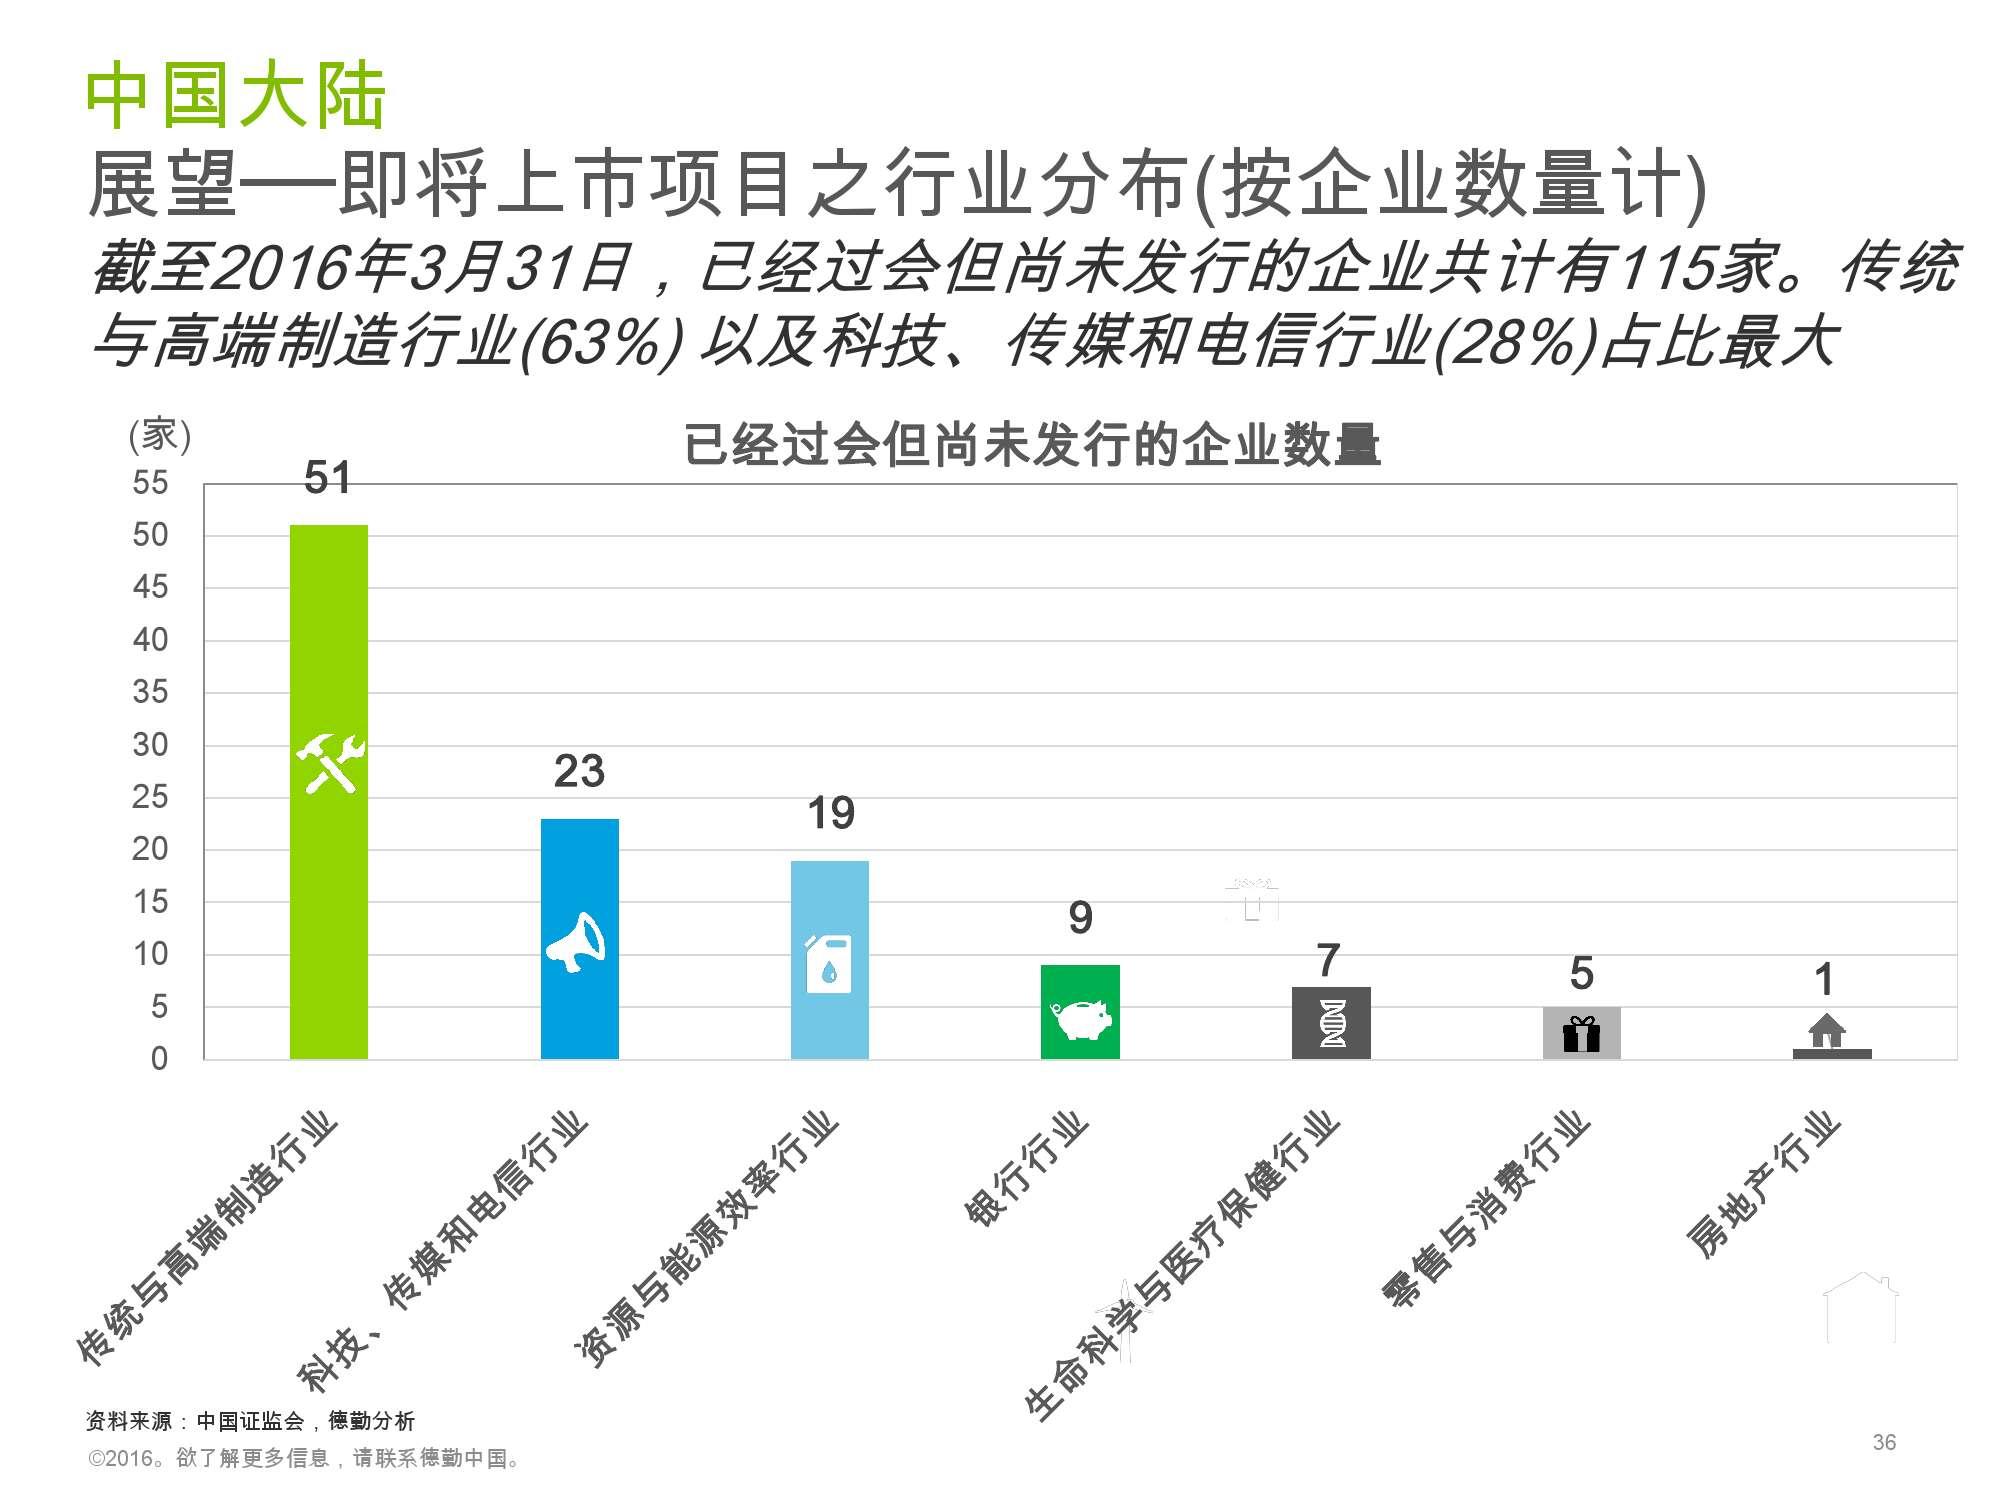 香港及中国大陆IPO市场2016年1季度_000036